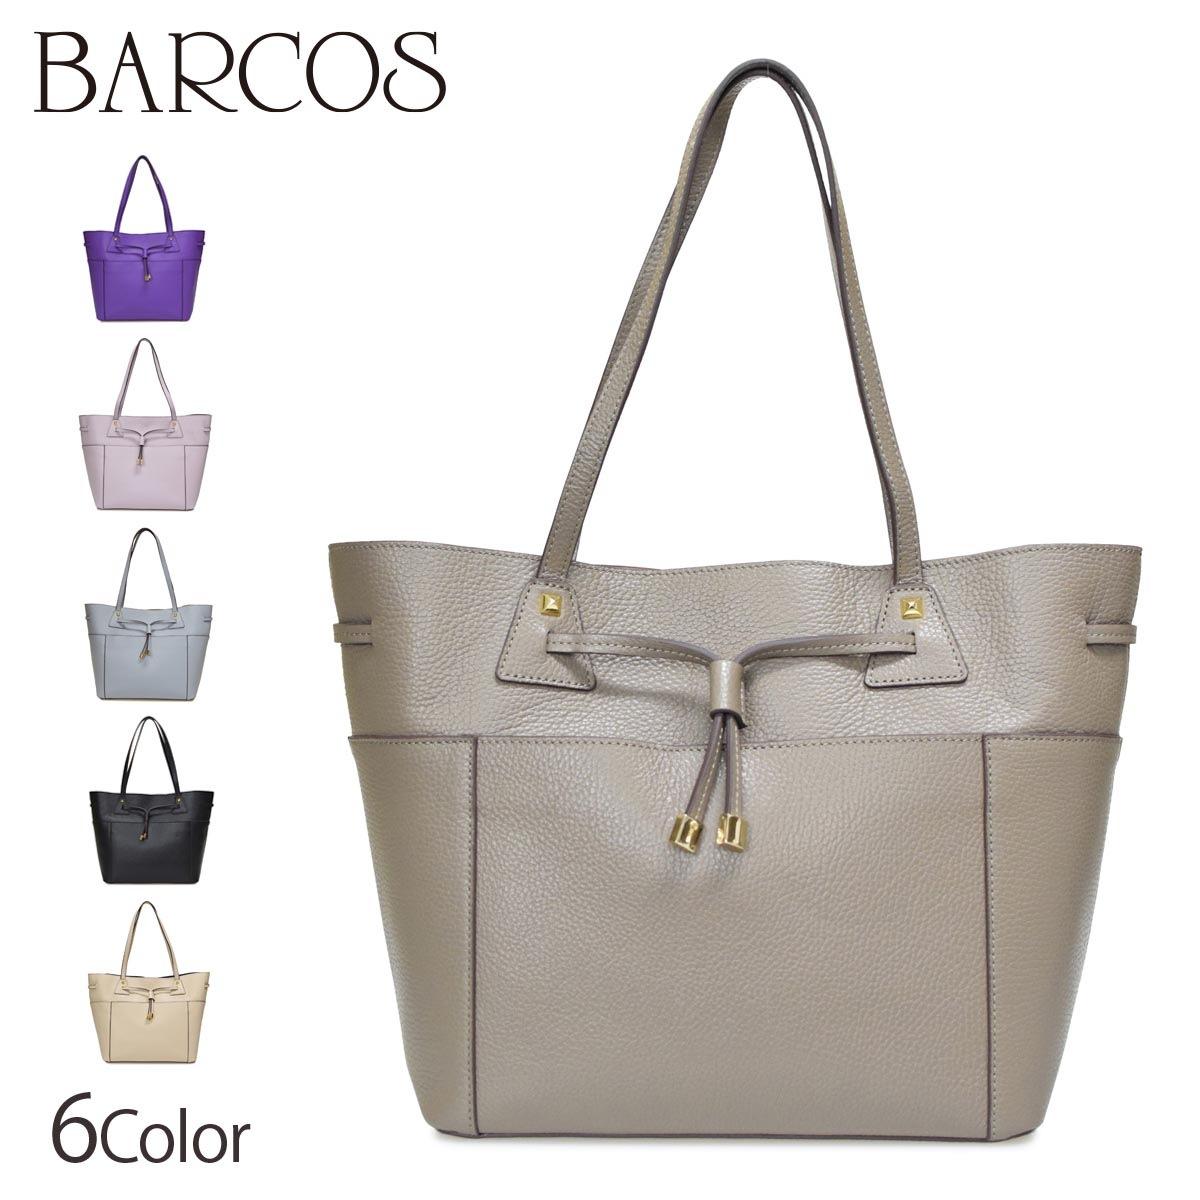 BARCOS メイドインイタリートートバッグ-アルバ- レディース 全6色 ONESIZE バルコス